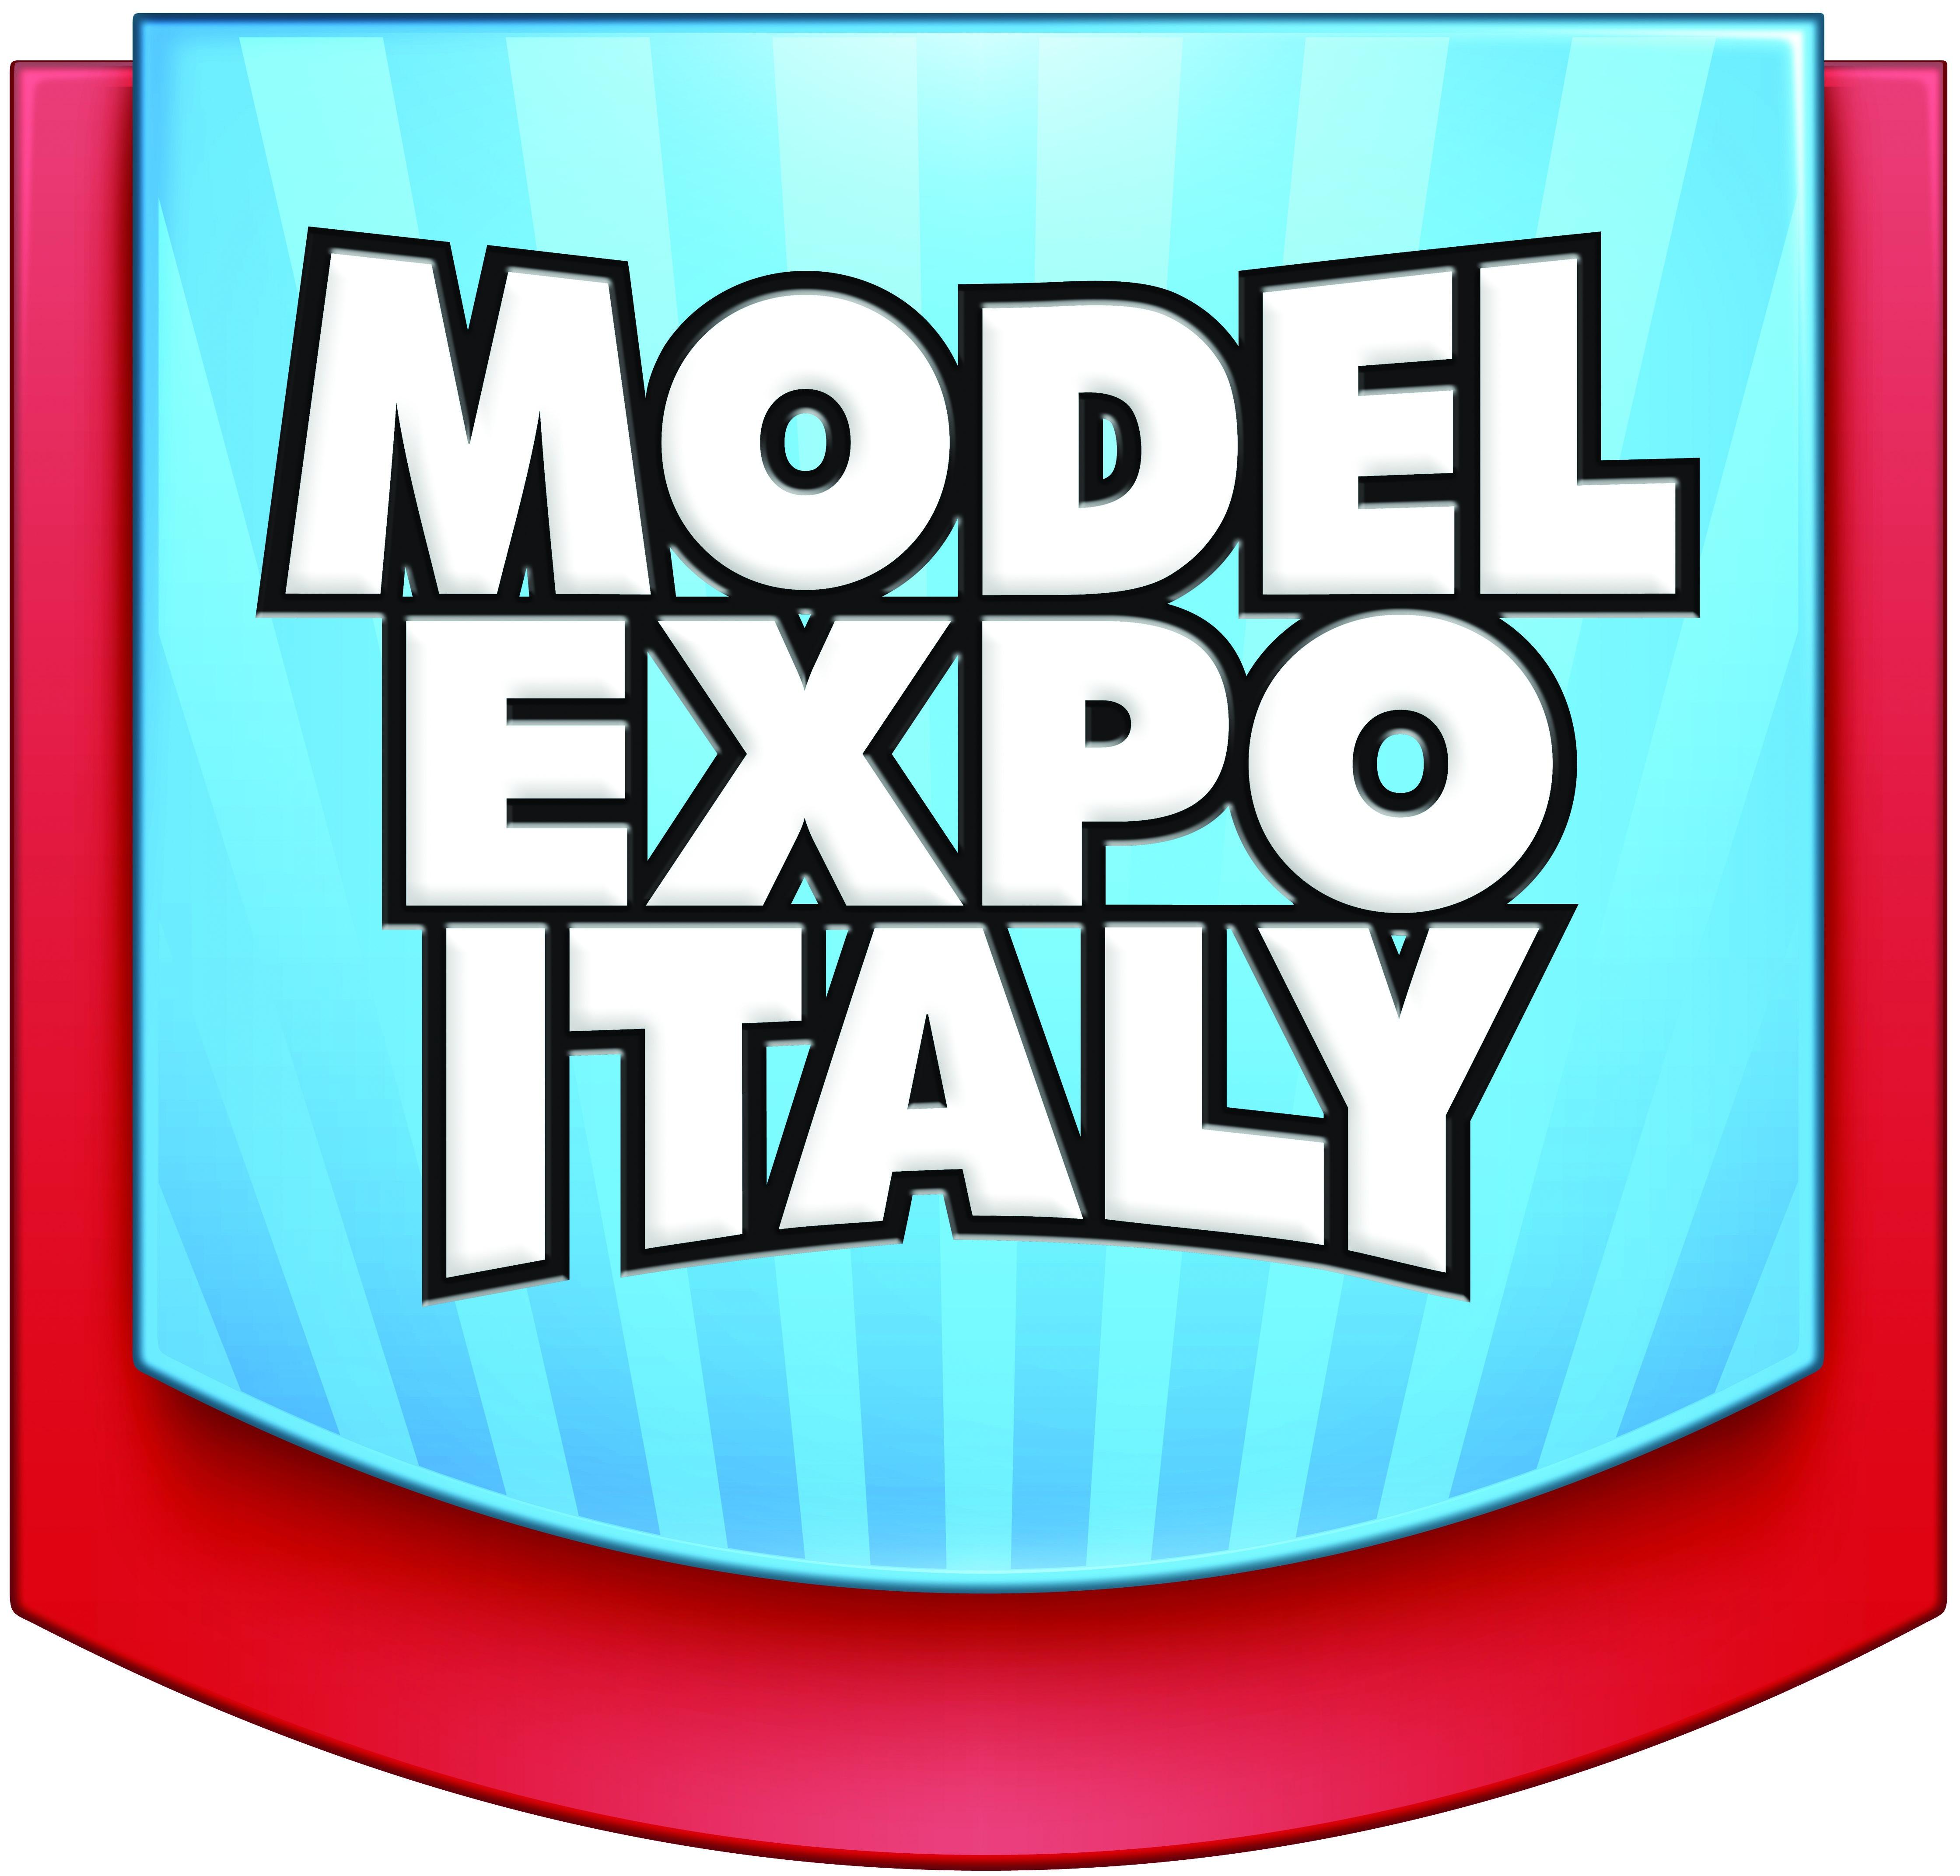 Model Expo Italy 2016